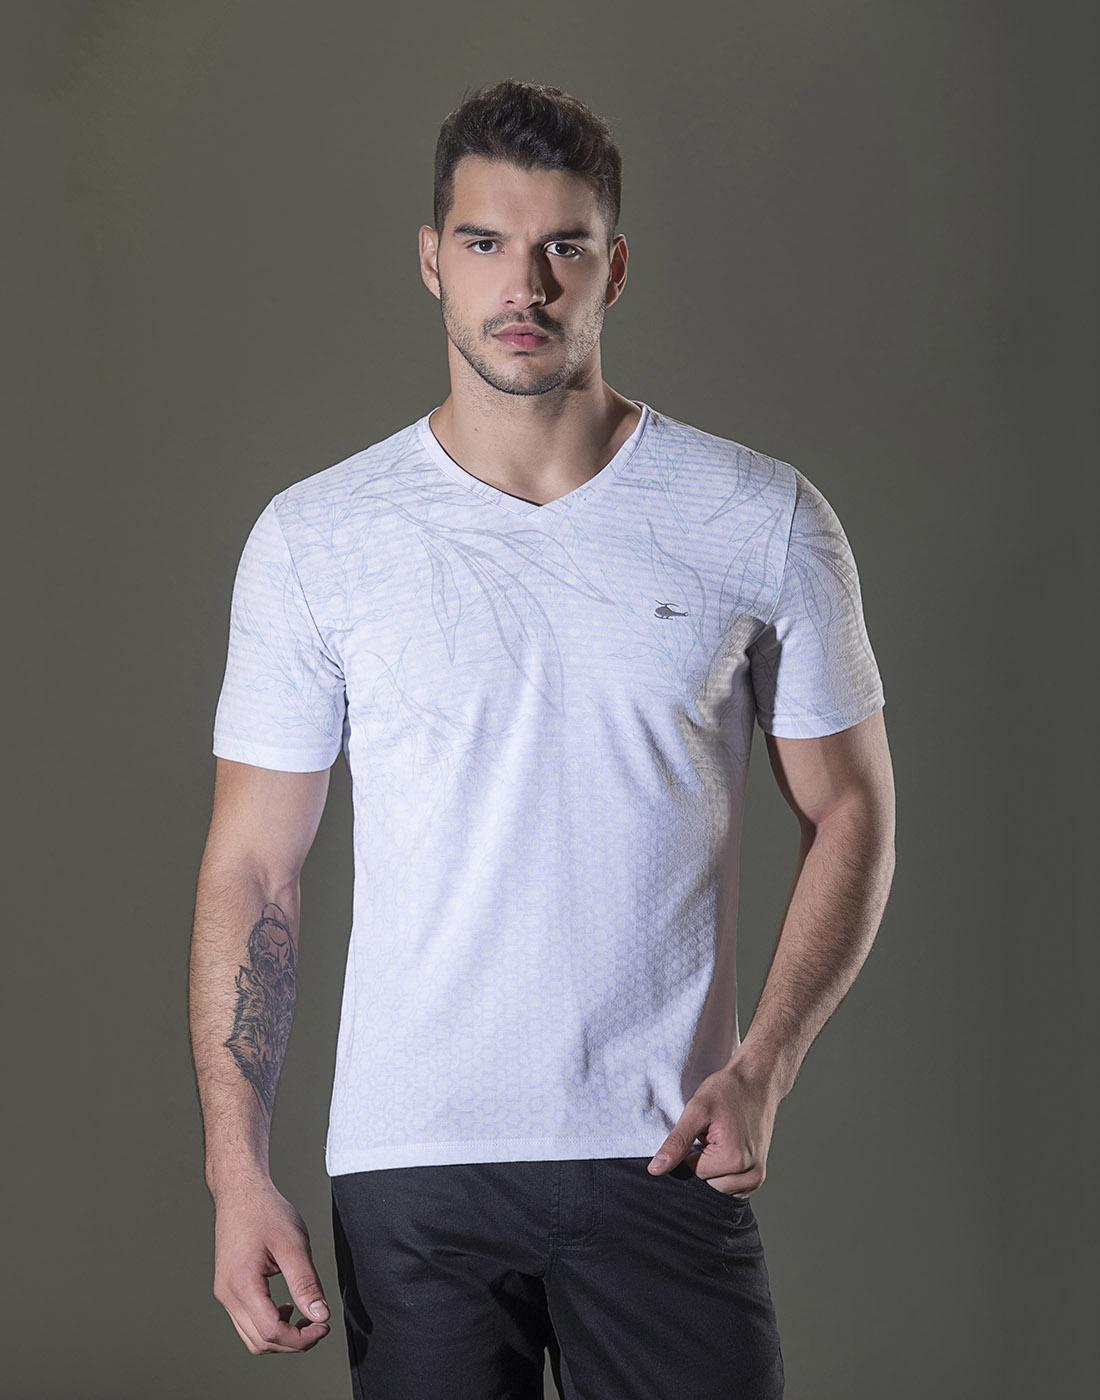 Camiseta Gola V. Estampada Branco Sallo